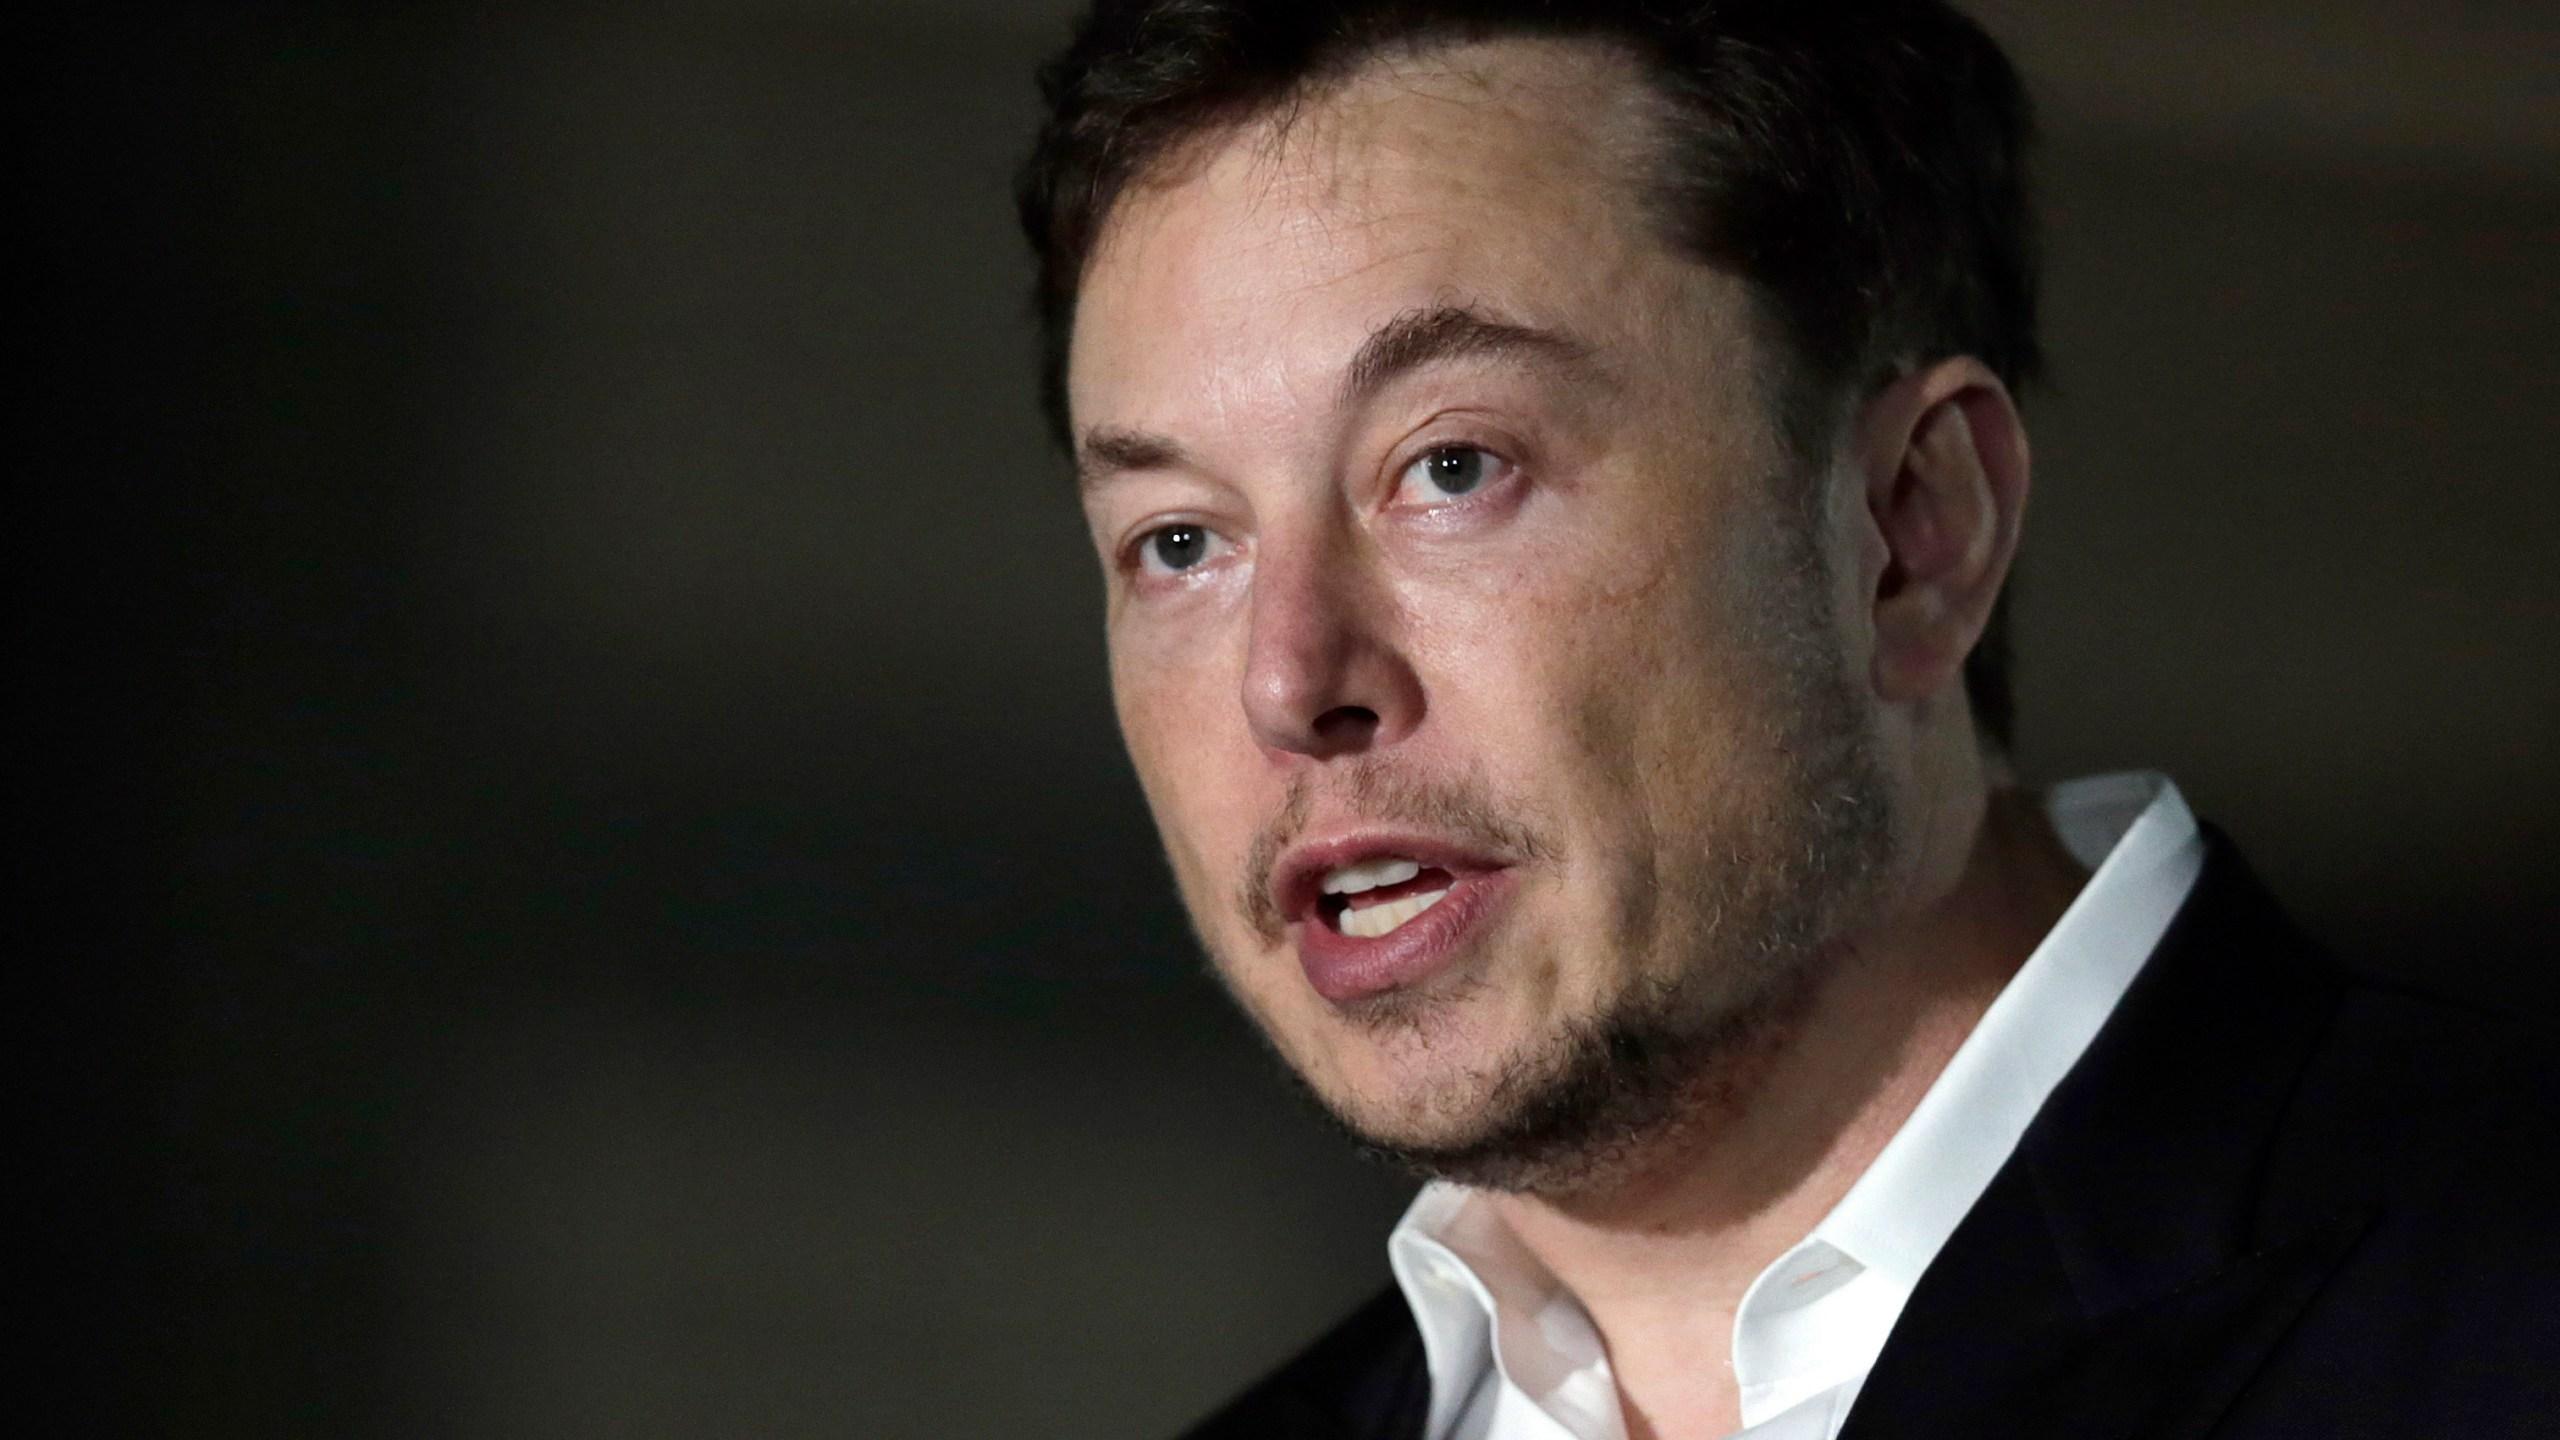 Tesla_Contempt_of_Court_41069-159532.jpg63440190